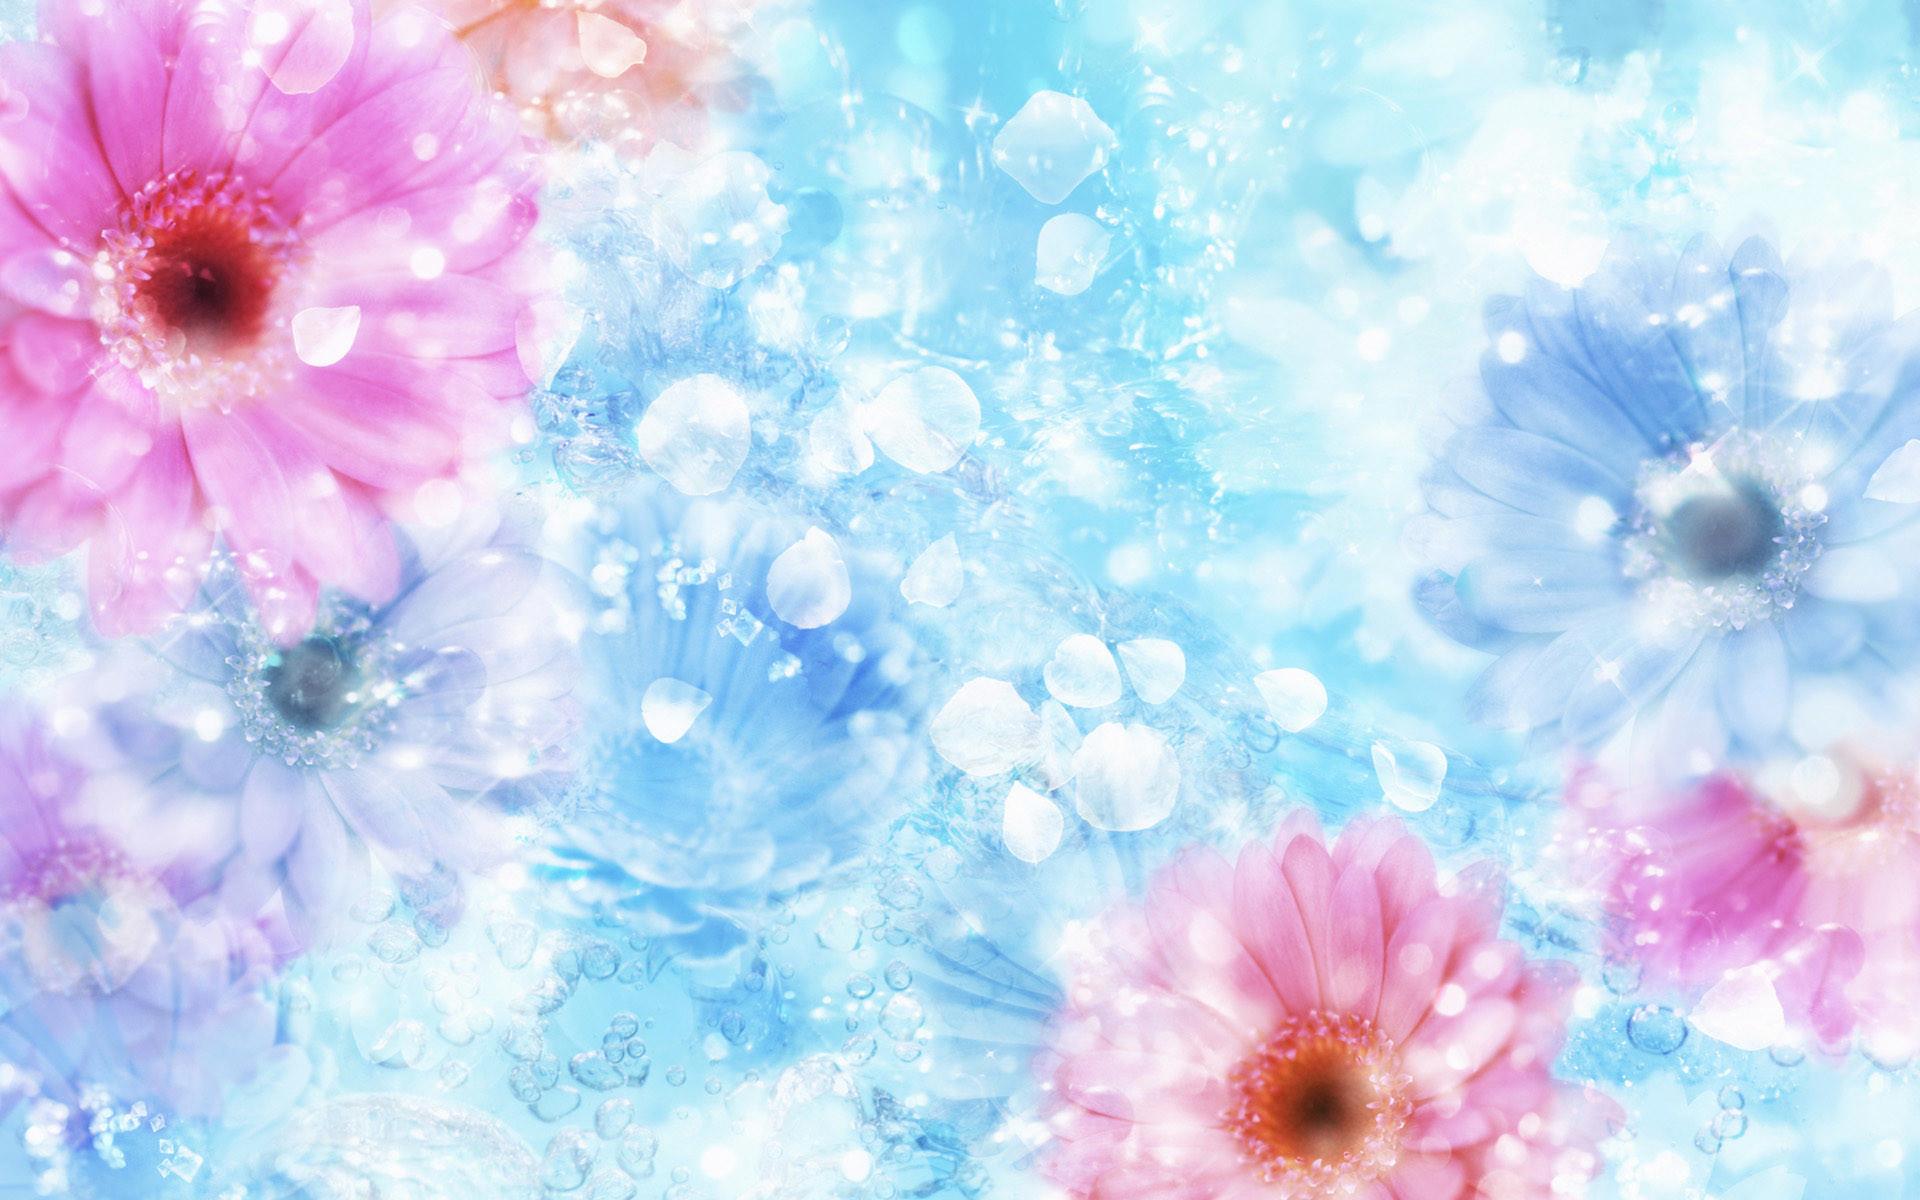 Free Art wallpaper – CG Flower 1 wallpaper – wallpaper – Index 6